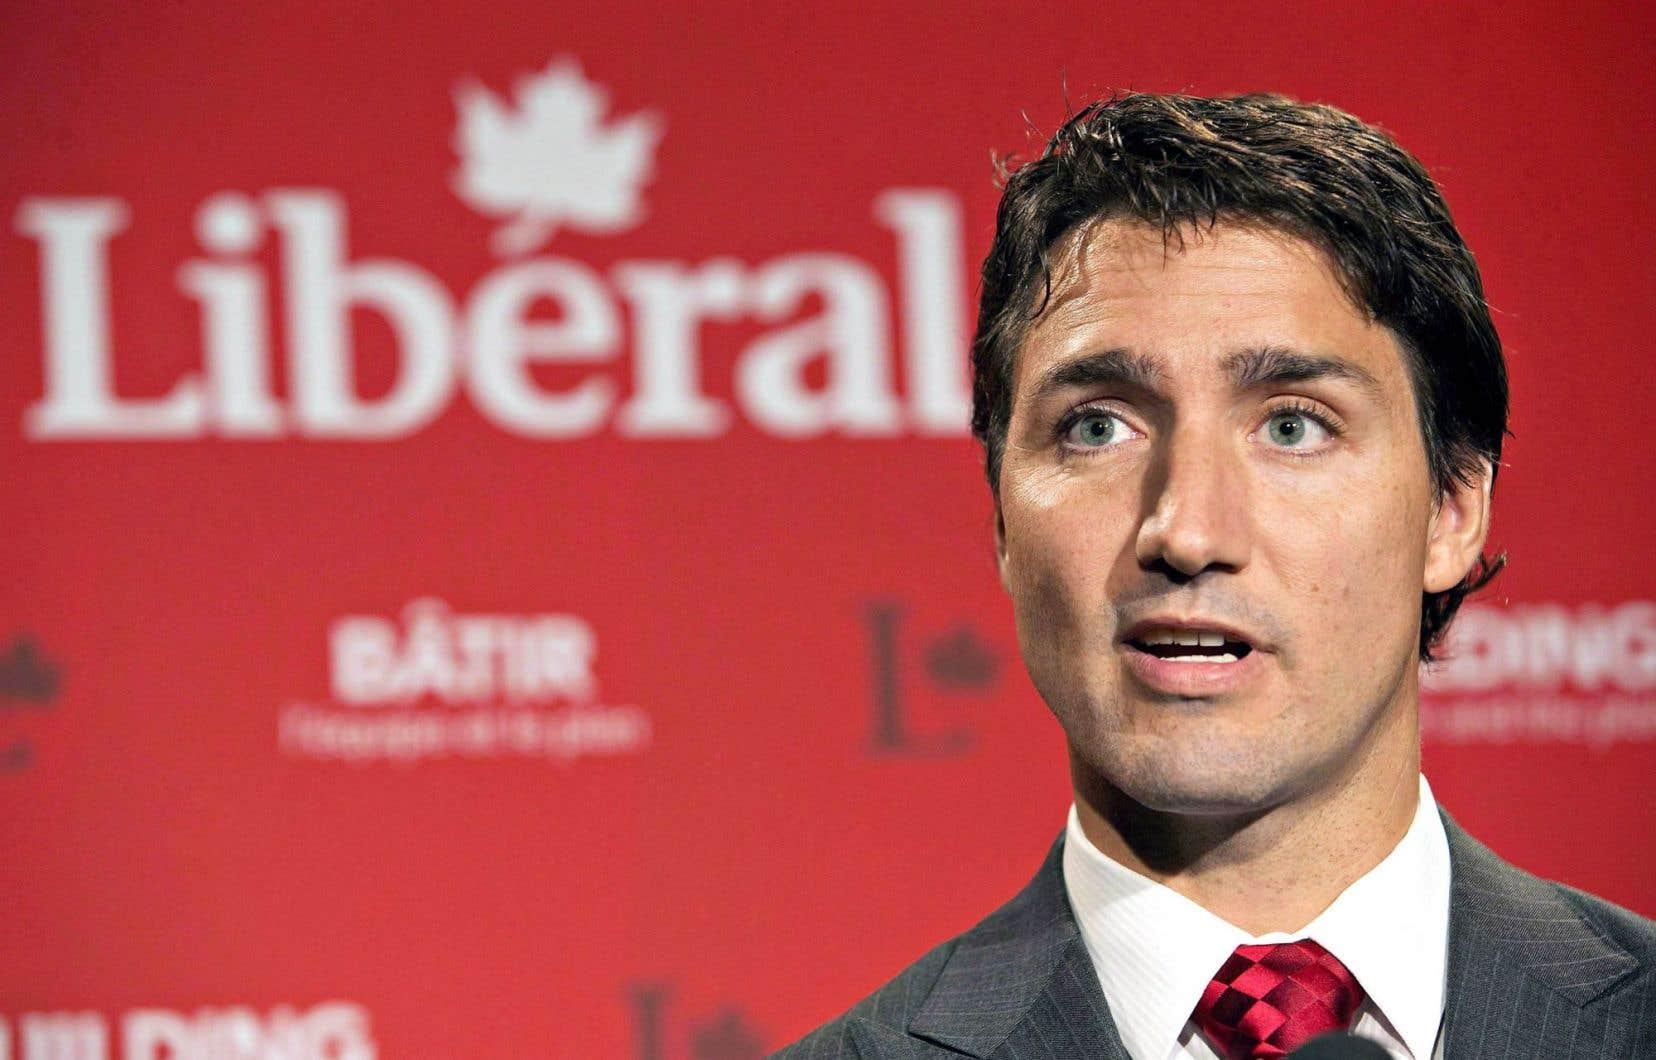 La vigueur renouvelée de la «marque libérale» permet au PLC de Justin Trudeau de devancer le NPD.